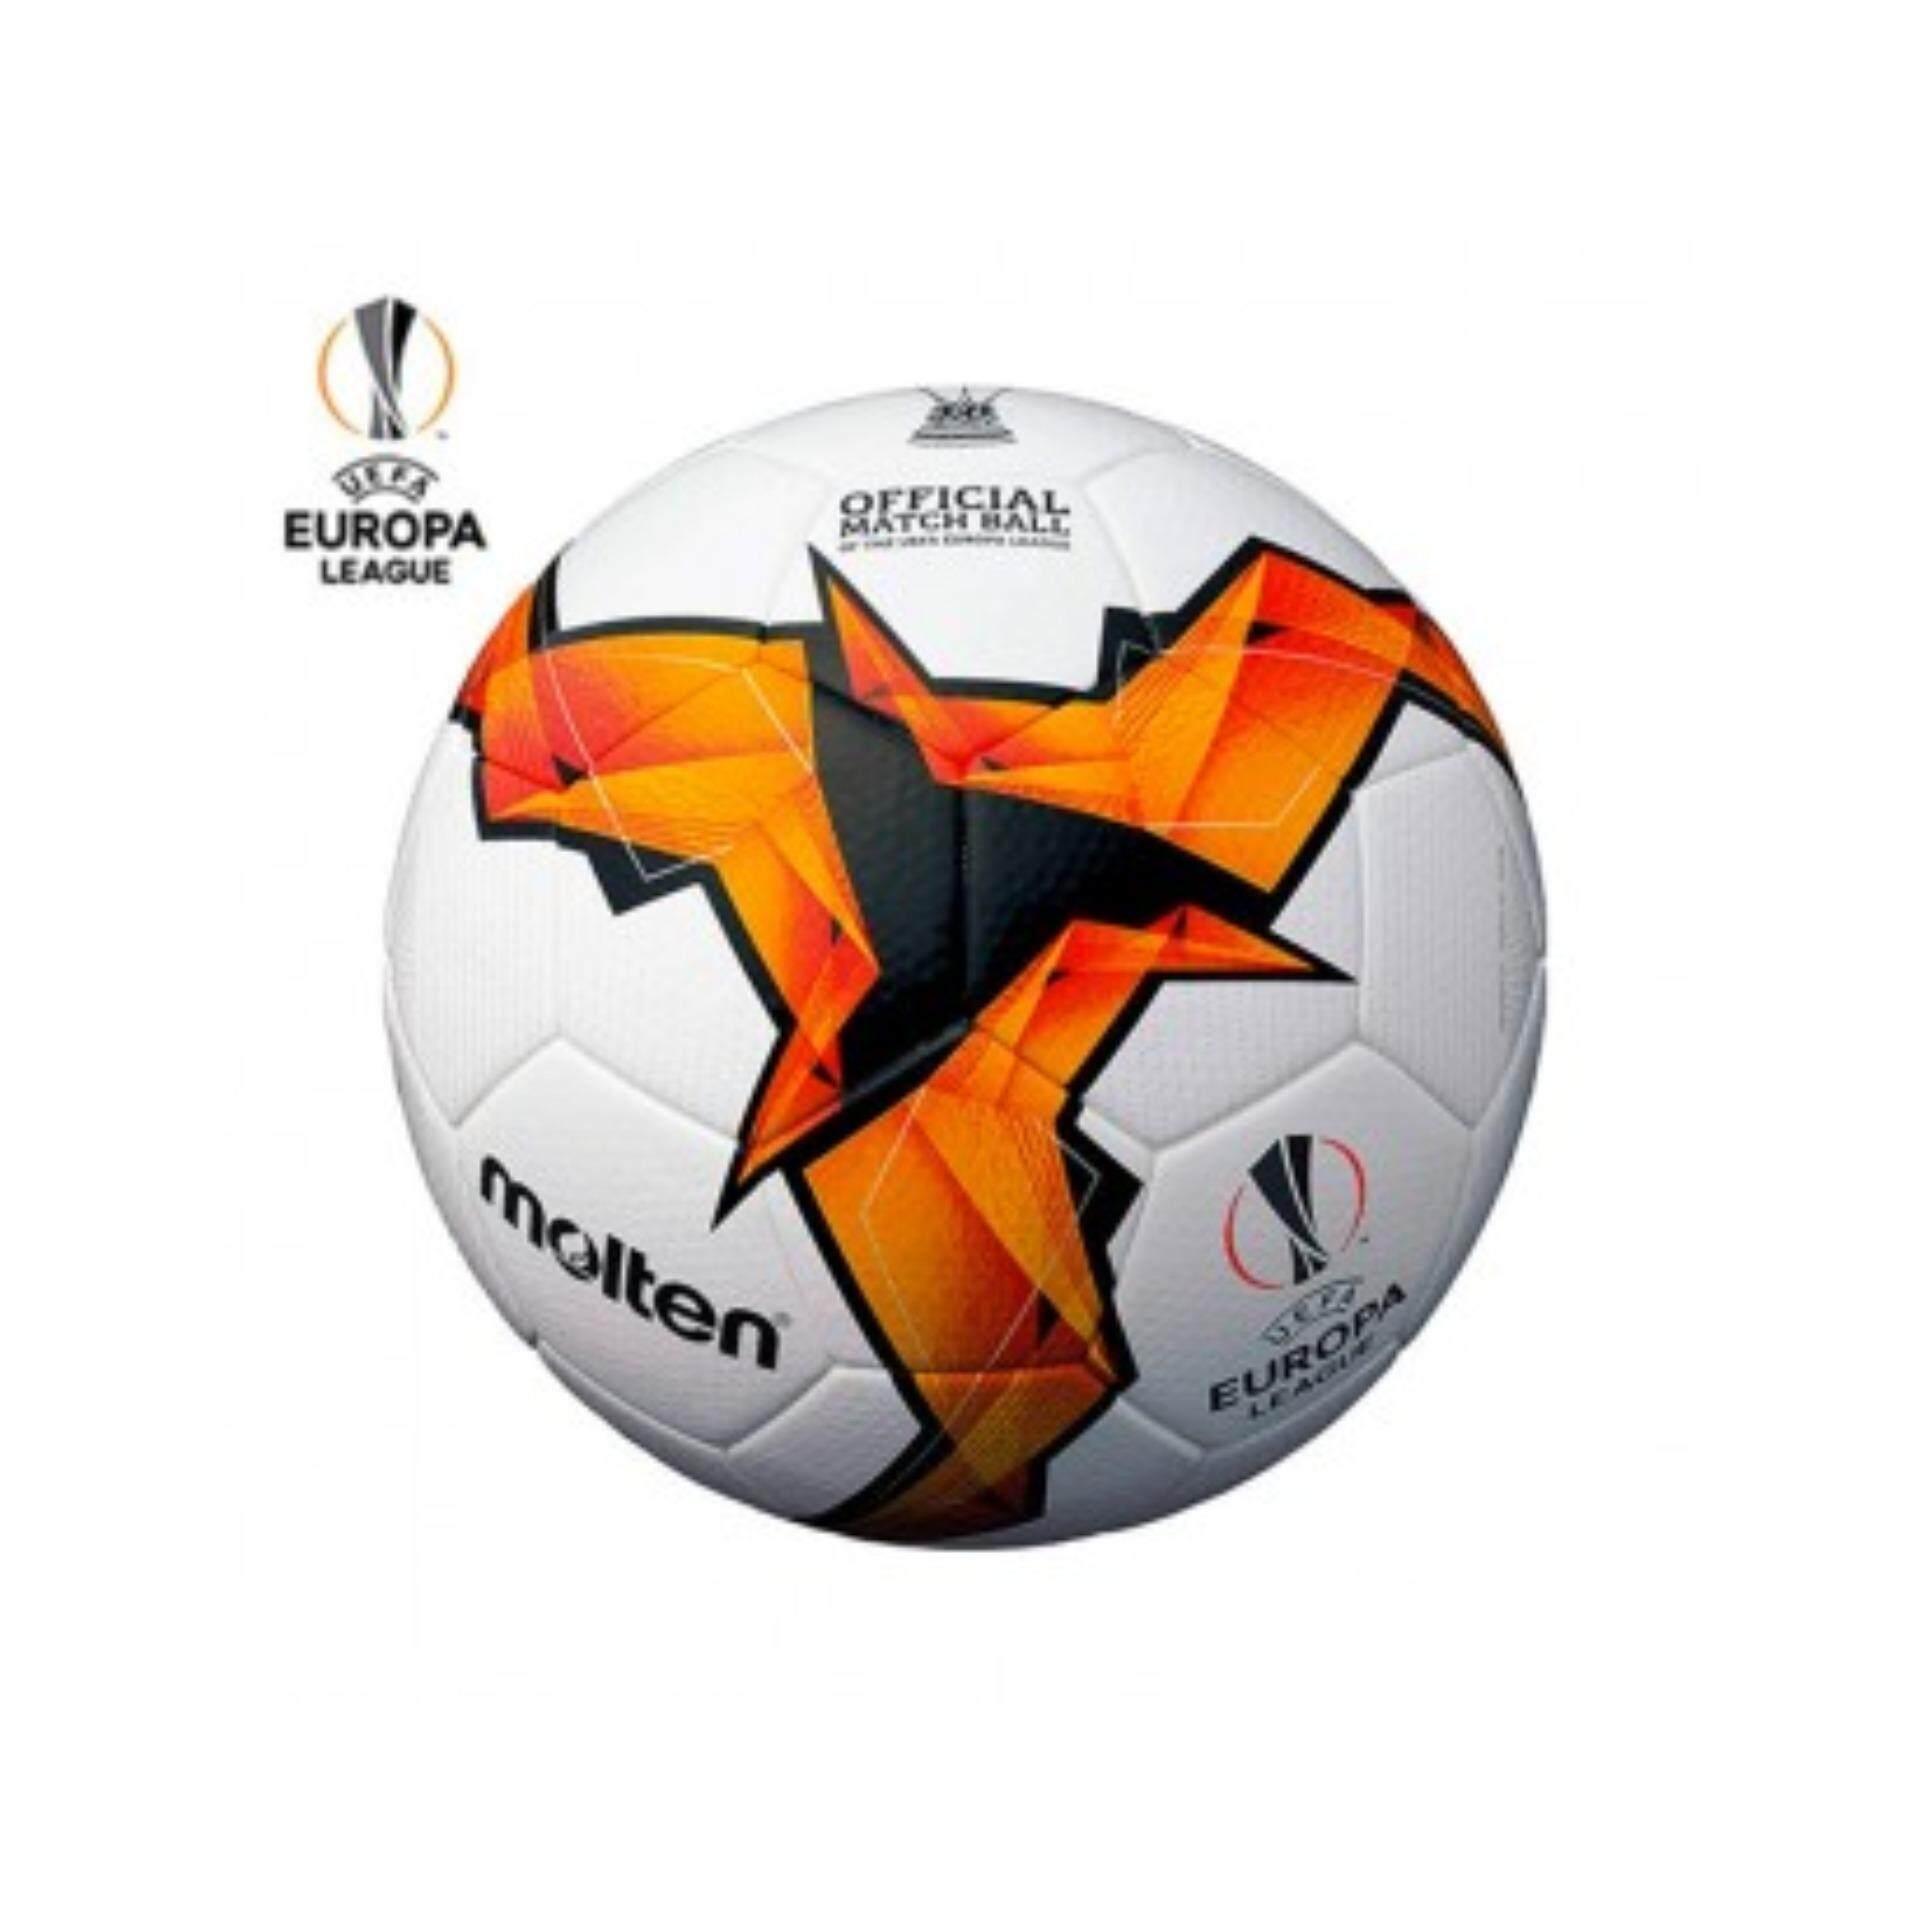 นครปฐม MOLTEN ฟุตบอลหนัง มอลเทน Football AcenterPU th F5U5003-K19 UEL (3900)